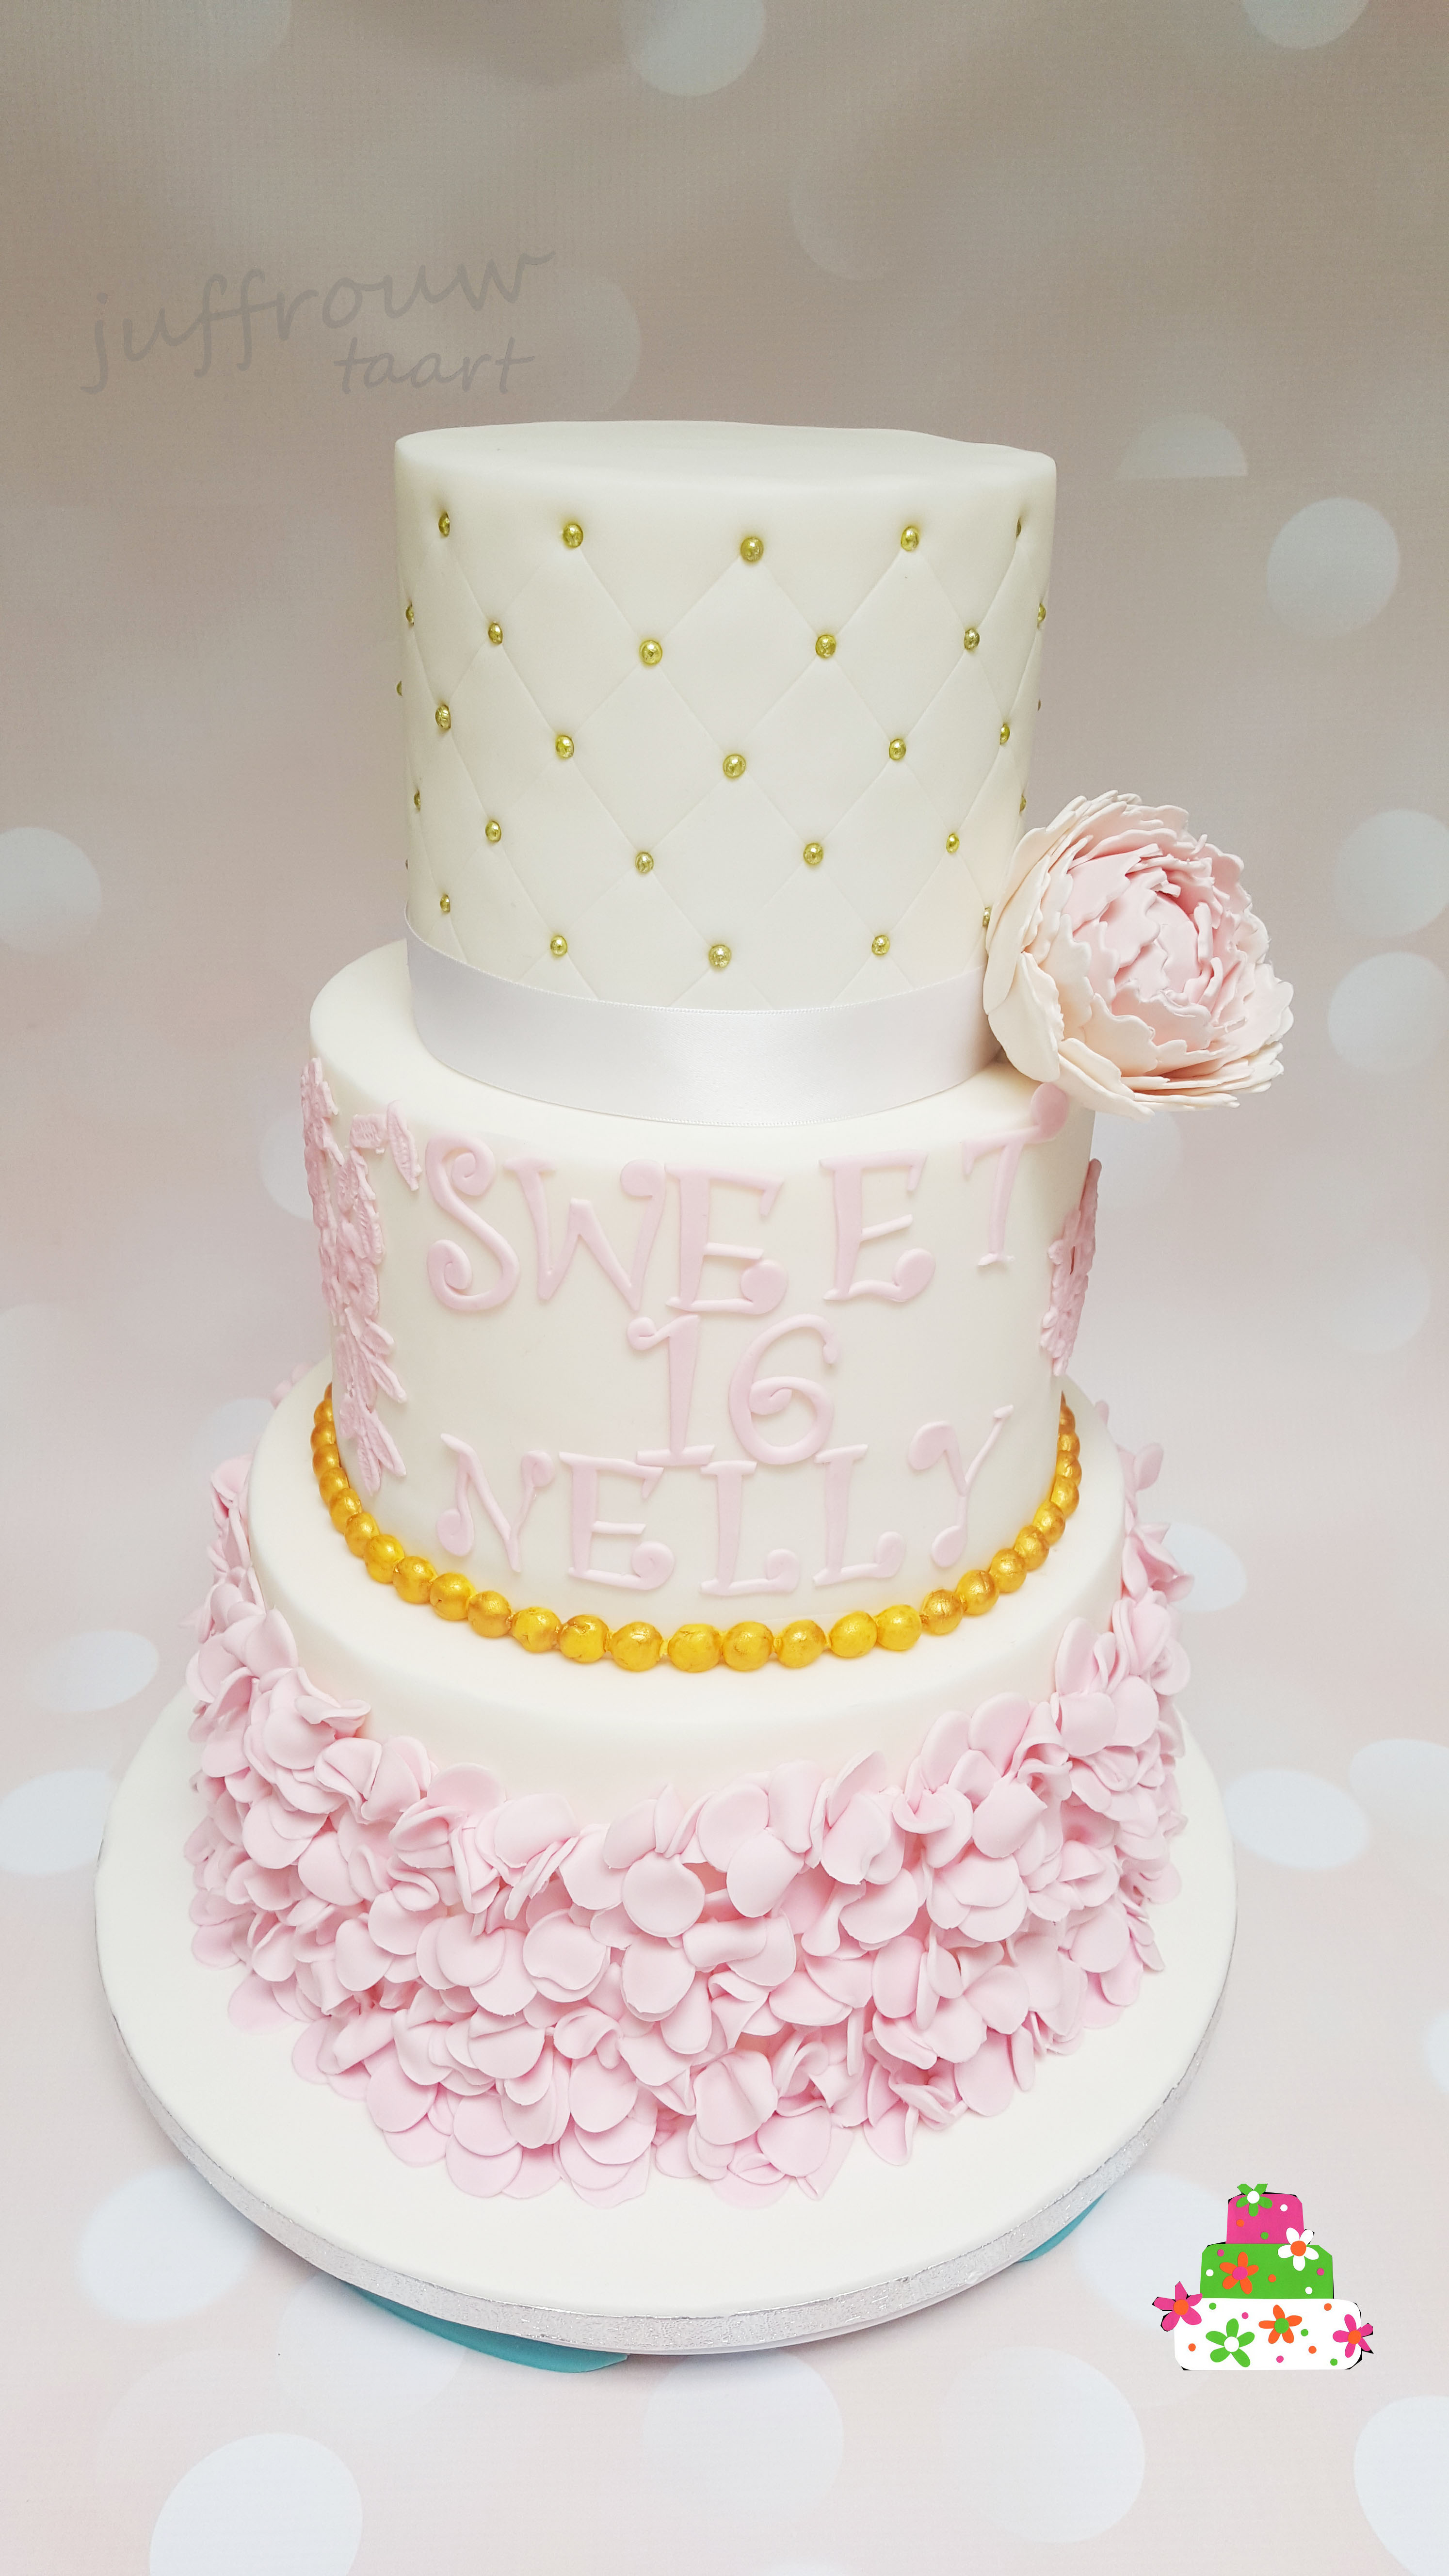 Iets Nieuws Sweet 16 taart - Juffrouw taart winsum #JI81